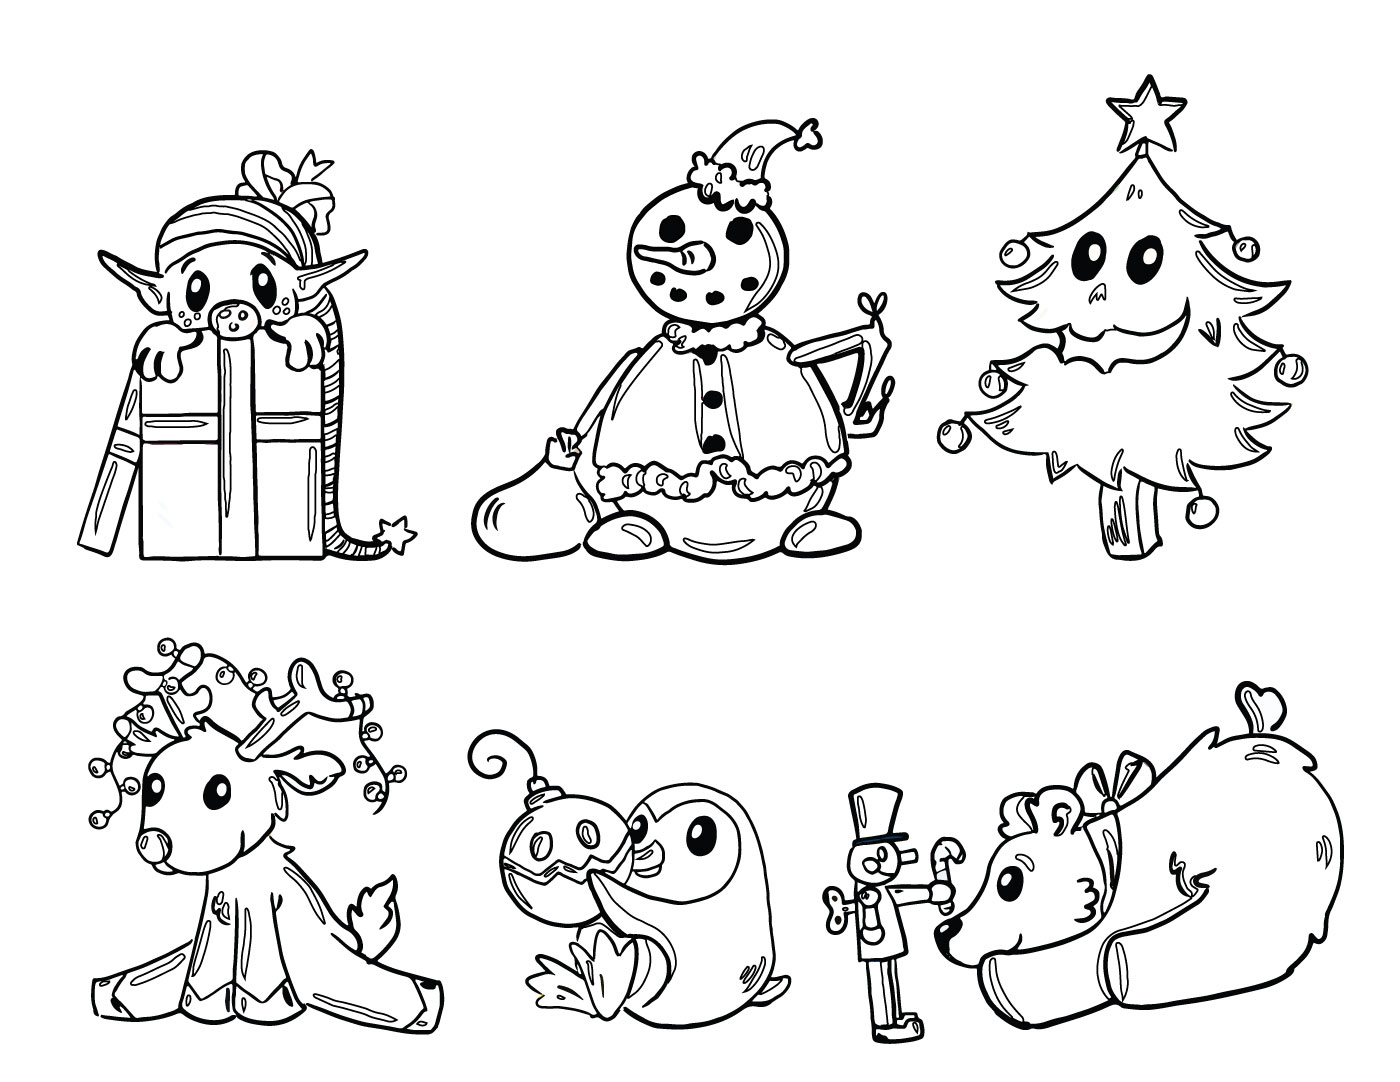 Dessin Des Amis Du Père Noel À Imprimer Gratuit encequiconcerne Coloriage Père Noel Gratuit À Imprimer